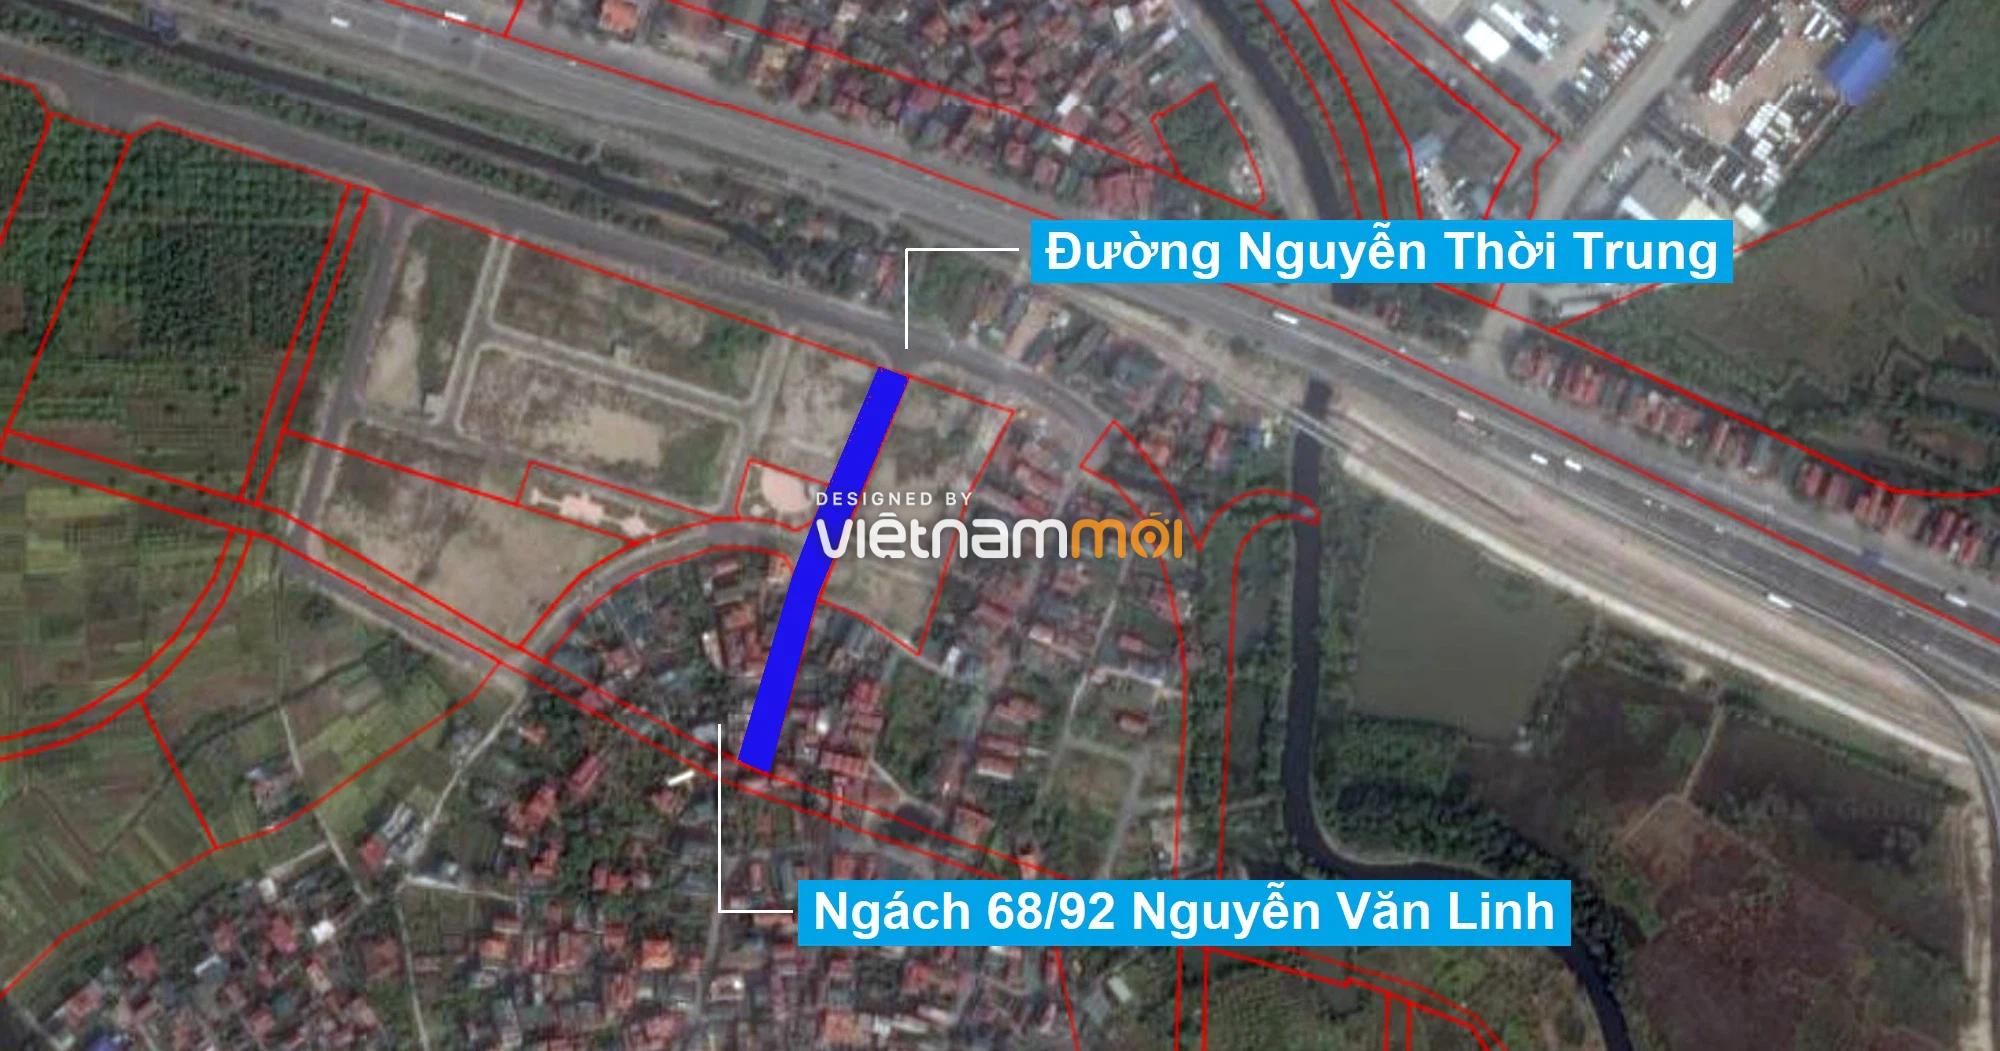 Những khu đất sắp thu hồi để mở đường ở phường Thạch Bàn, Long Biên, Hà Nội (phần 4) - Ảnh 9.